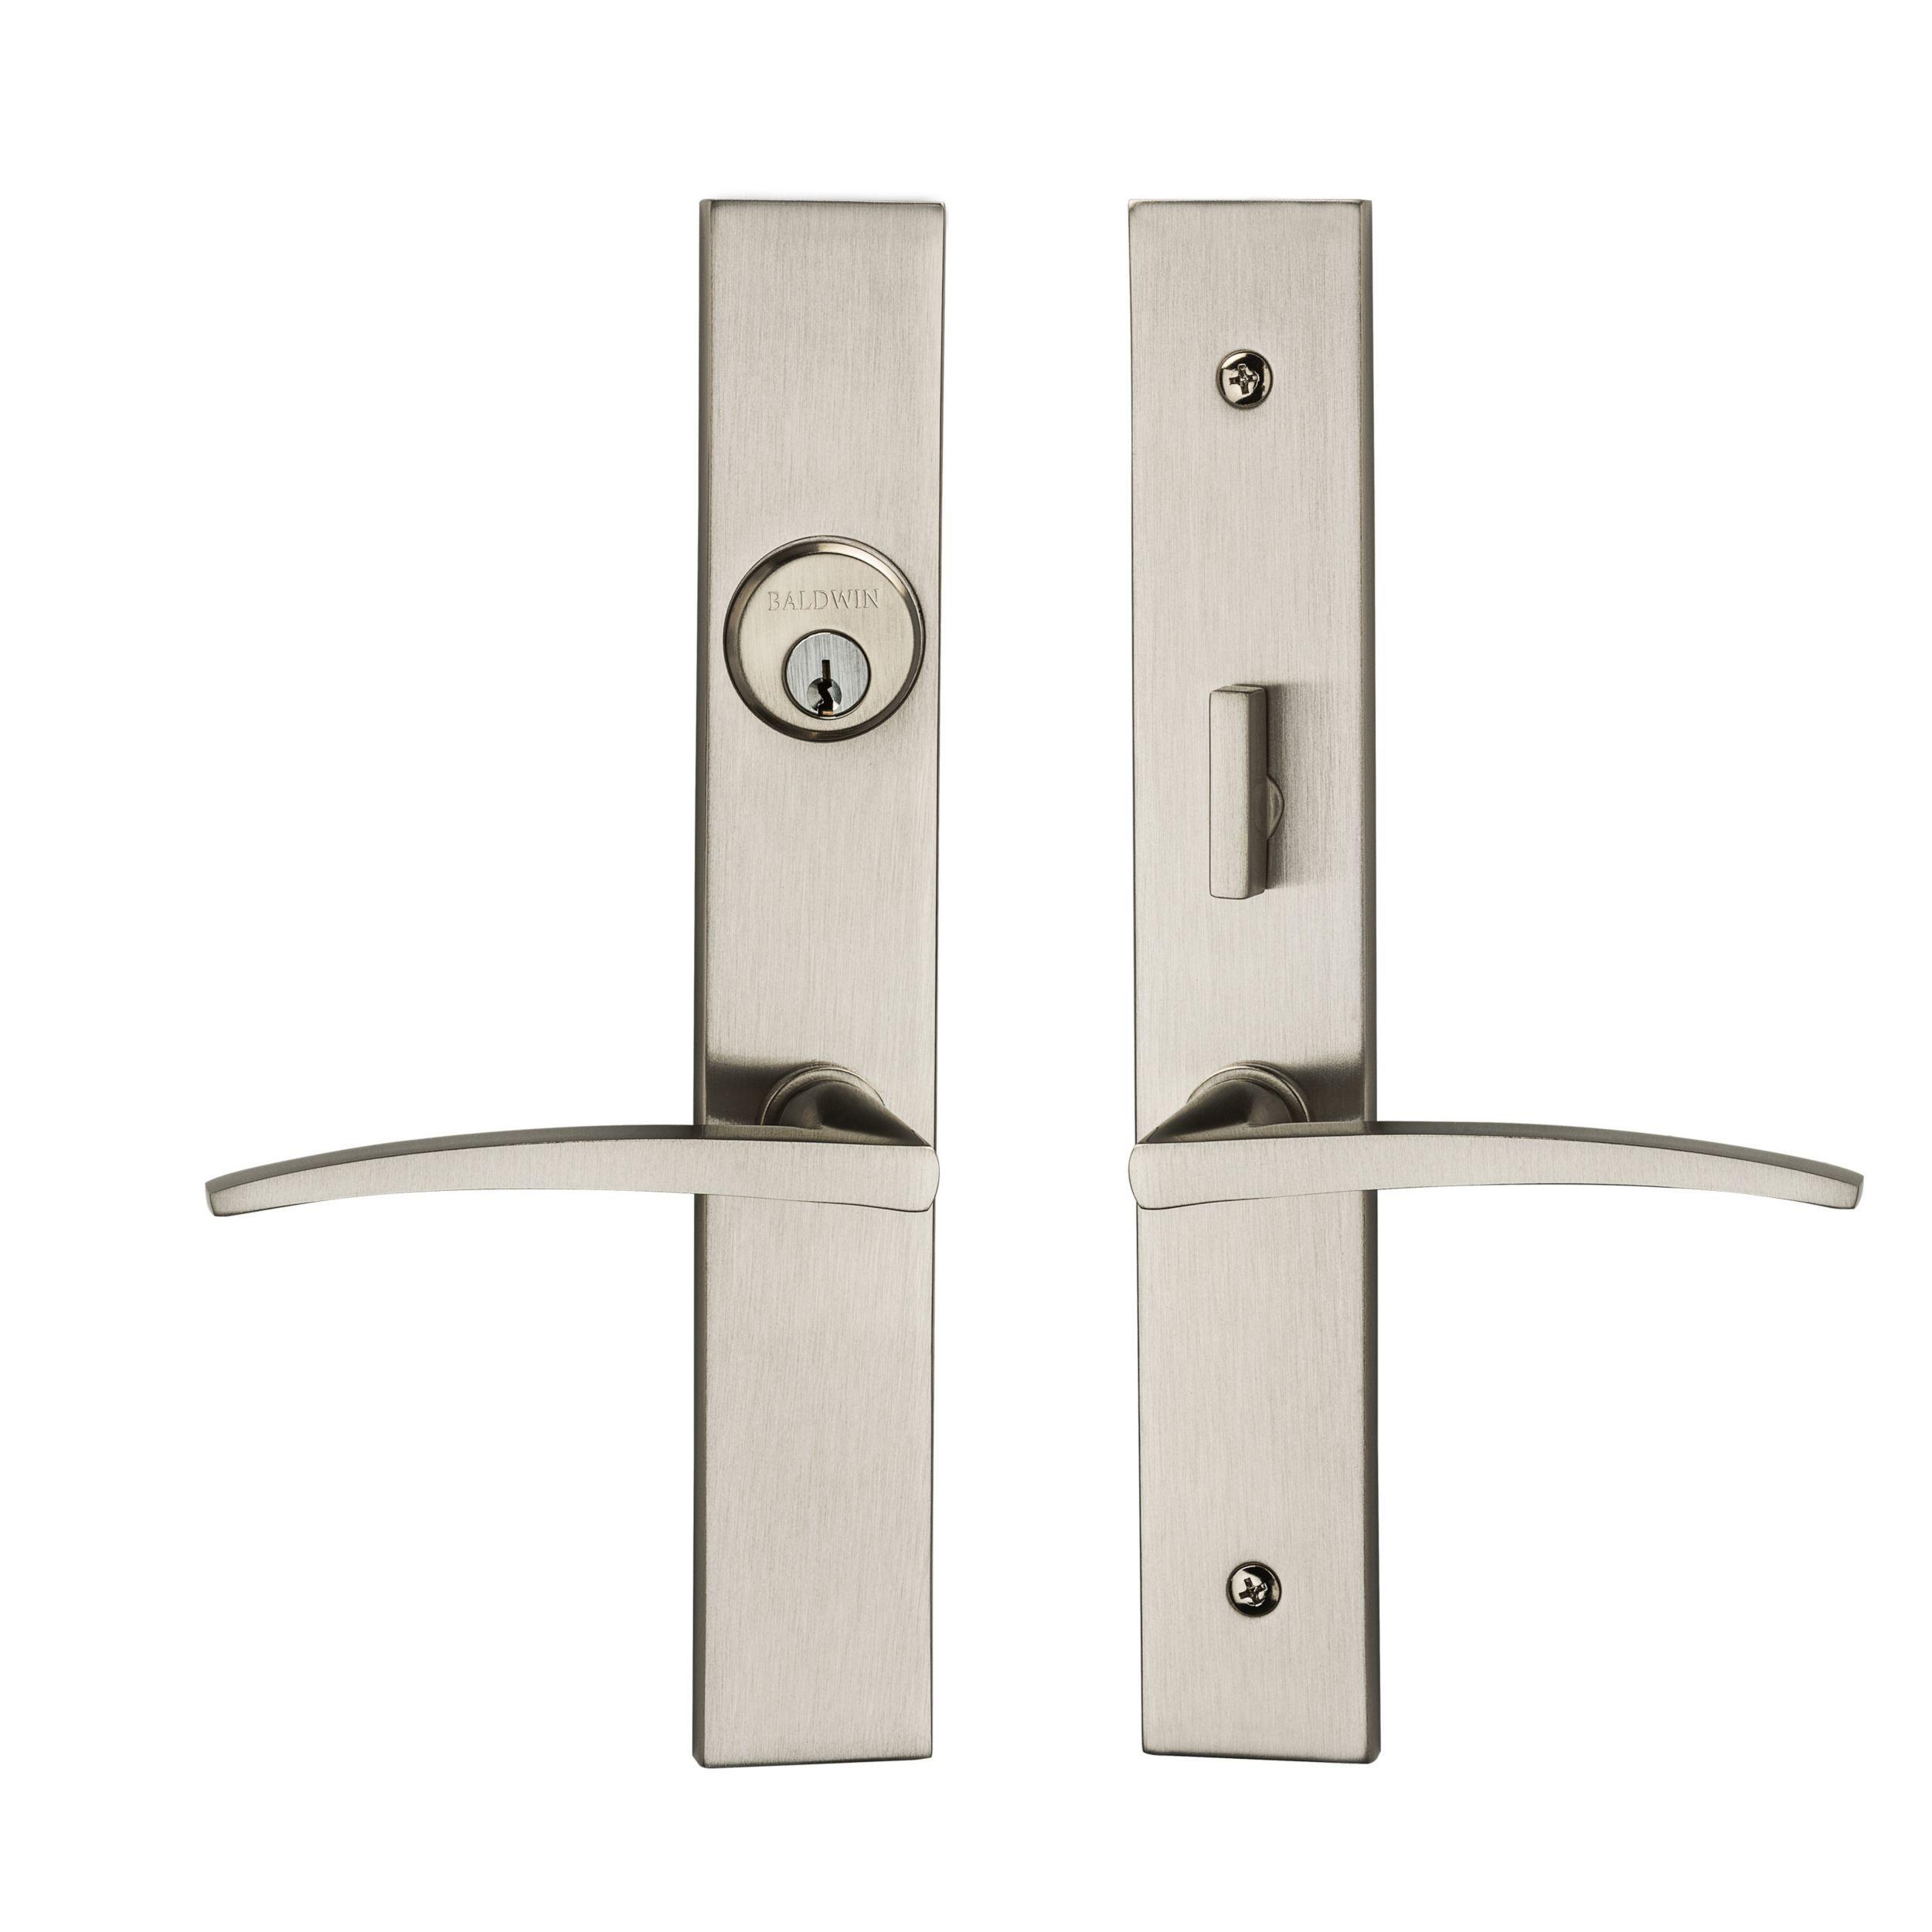 Santa Monica Entrance Trim 6915150 Contemporary Door Hardware